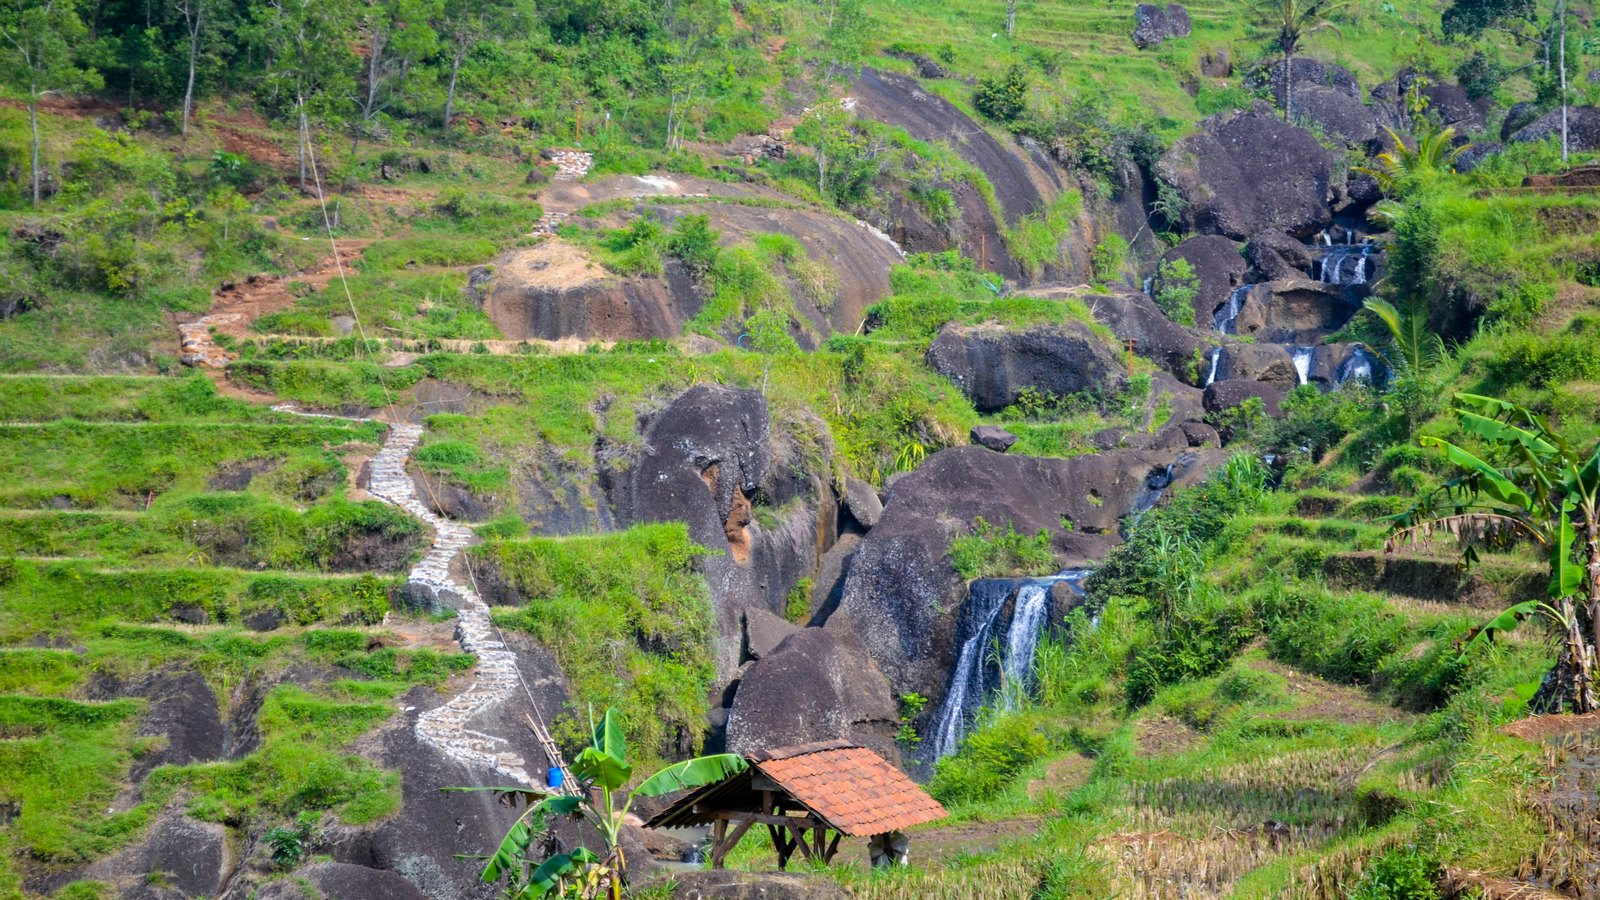 Jalan Air Terjun Kedung Kandang Gunungkidul Jogja Yuk Kab